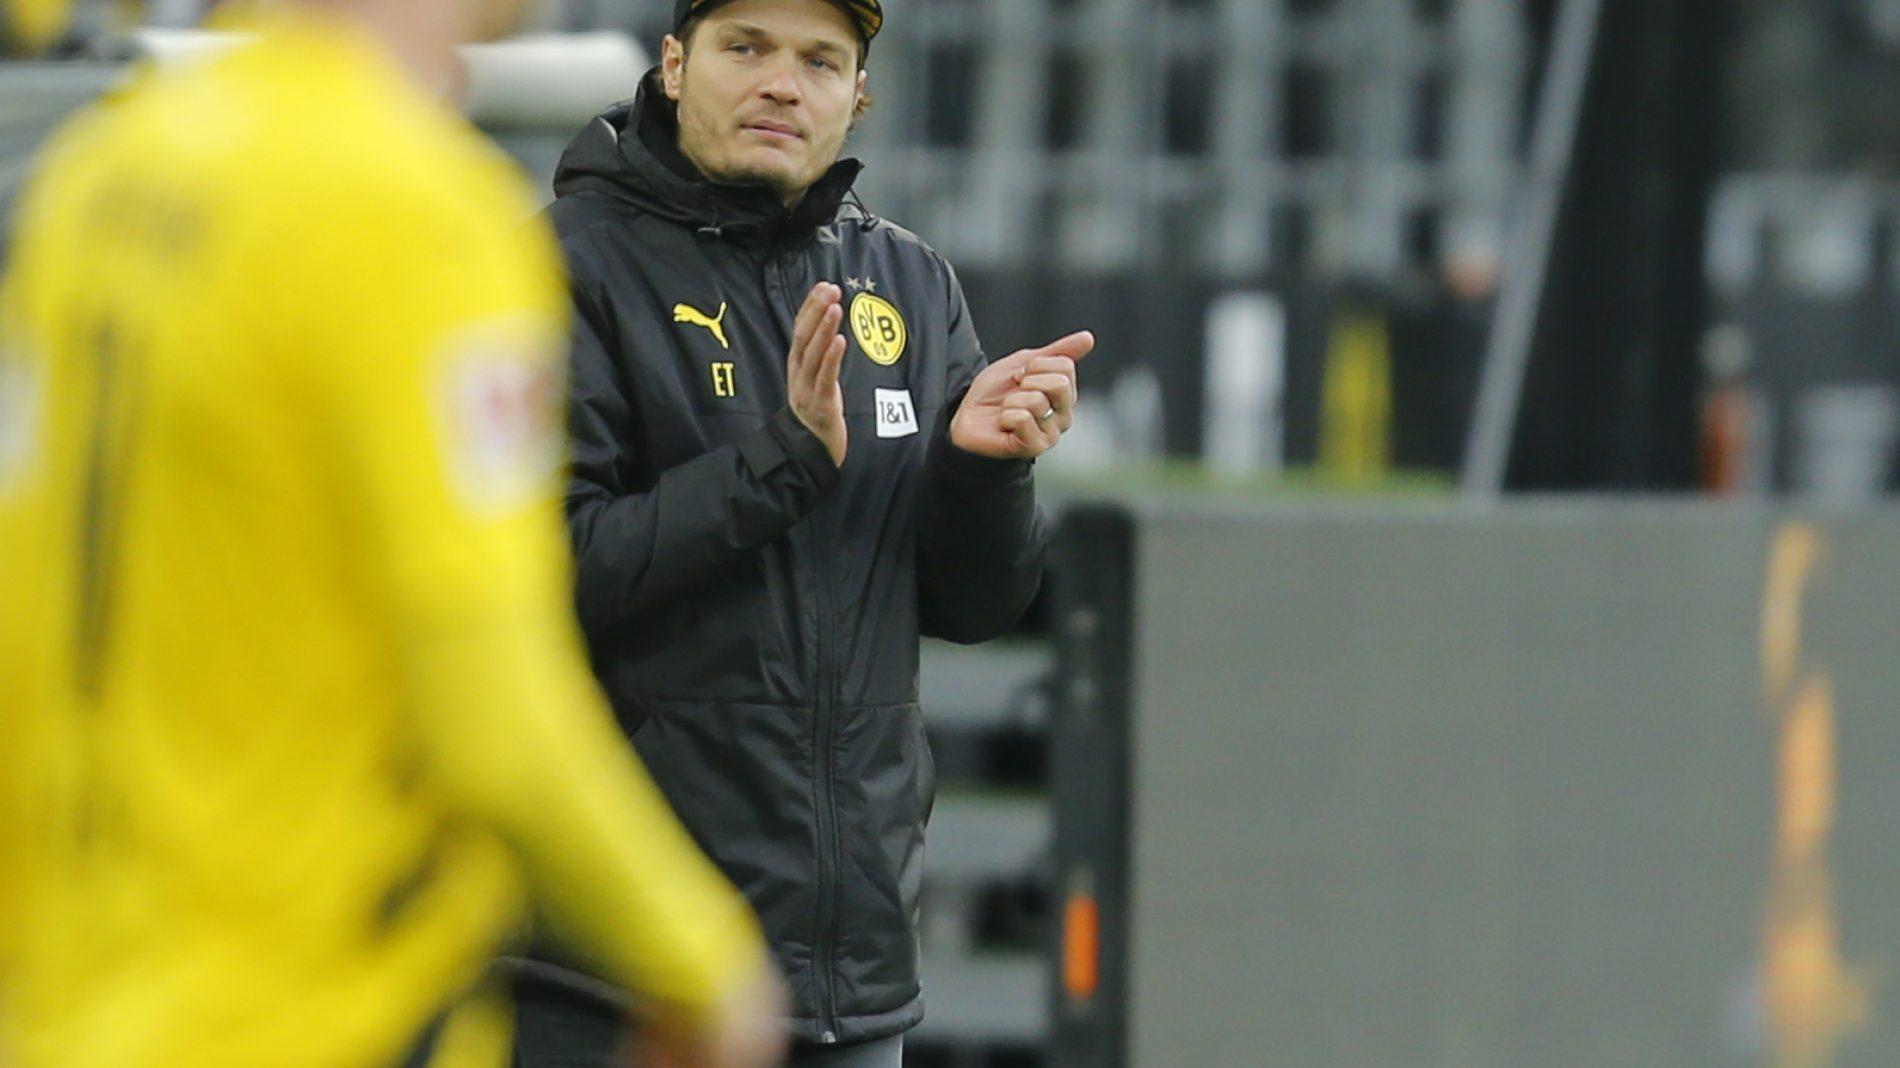 逆转奥格斯堡,多特主帅:打败莱比锡以来的最好体现